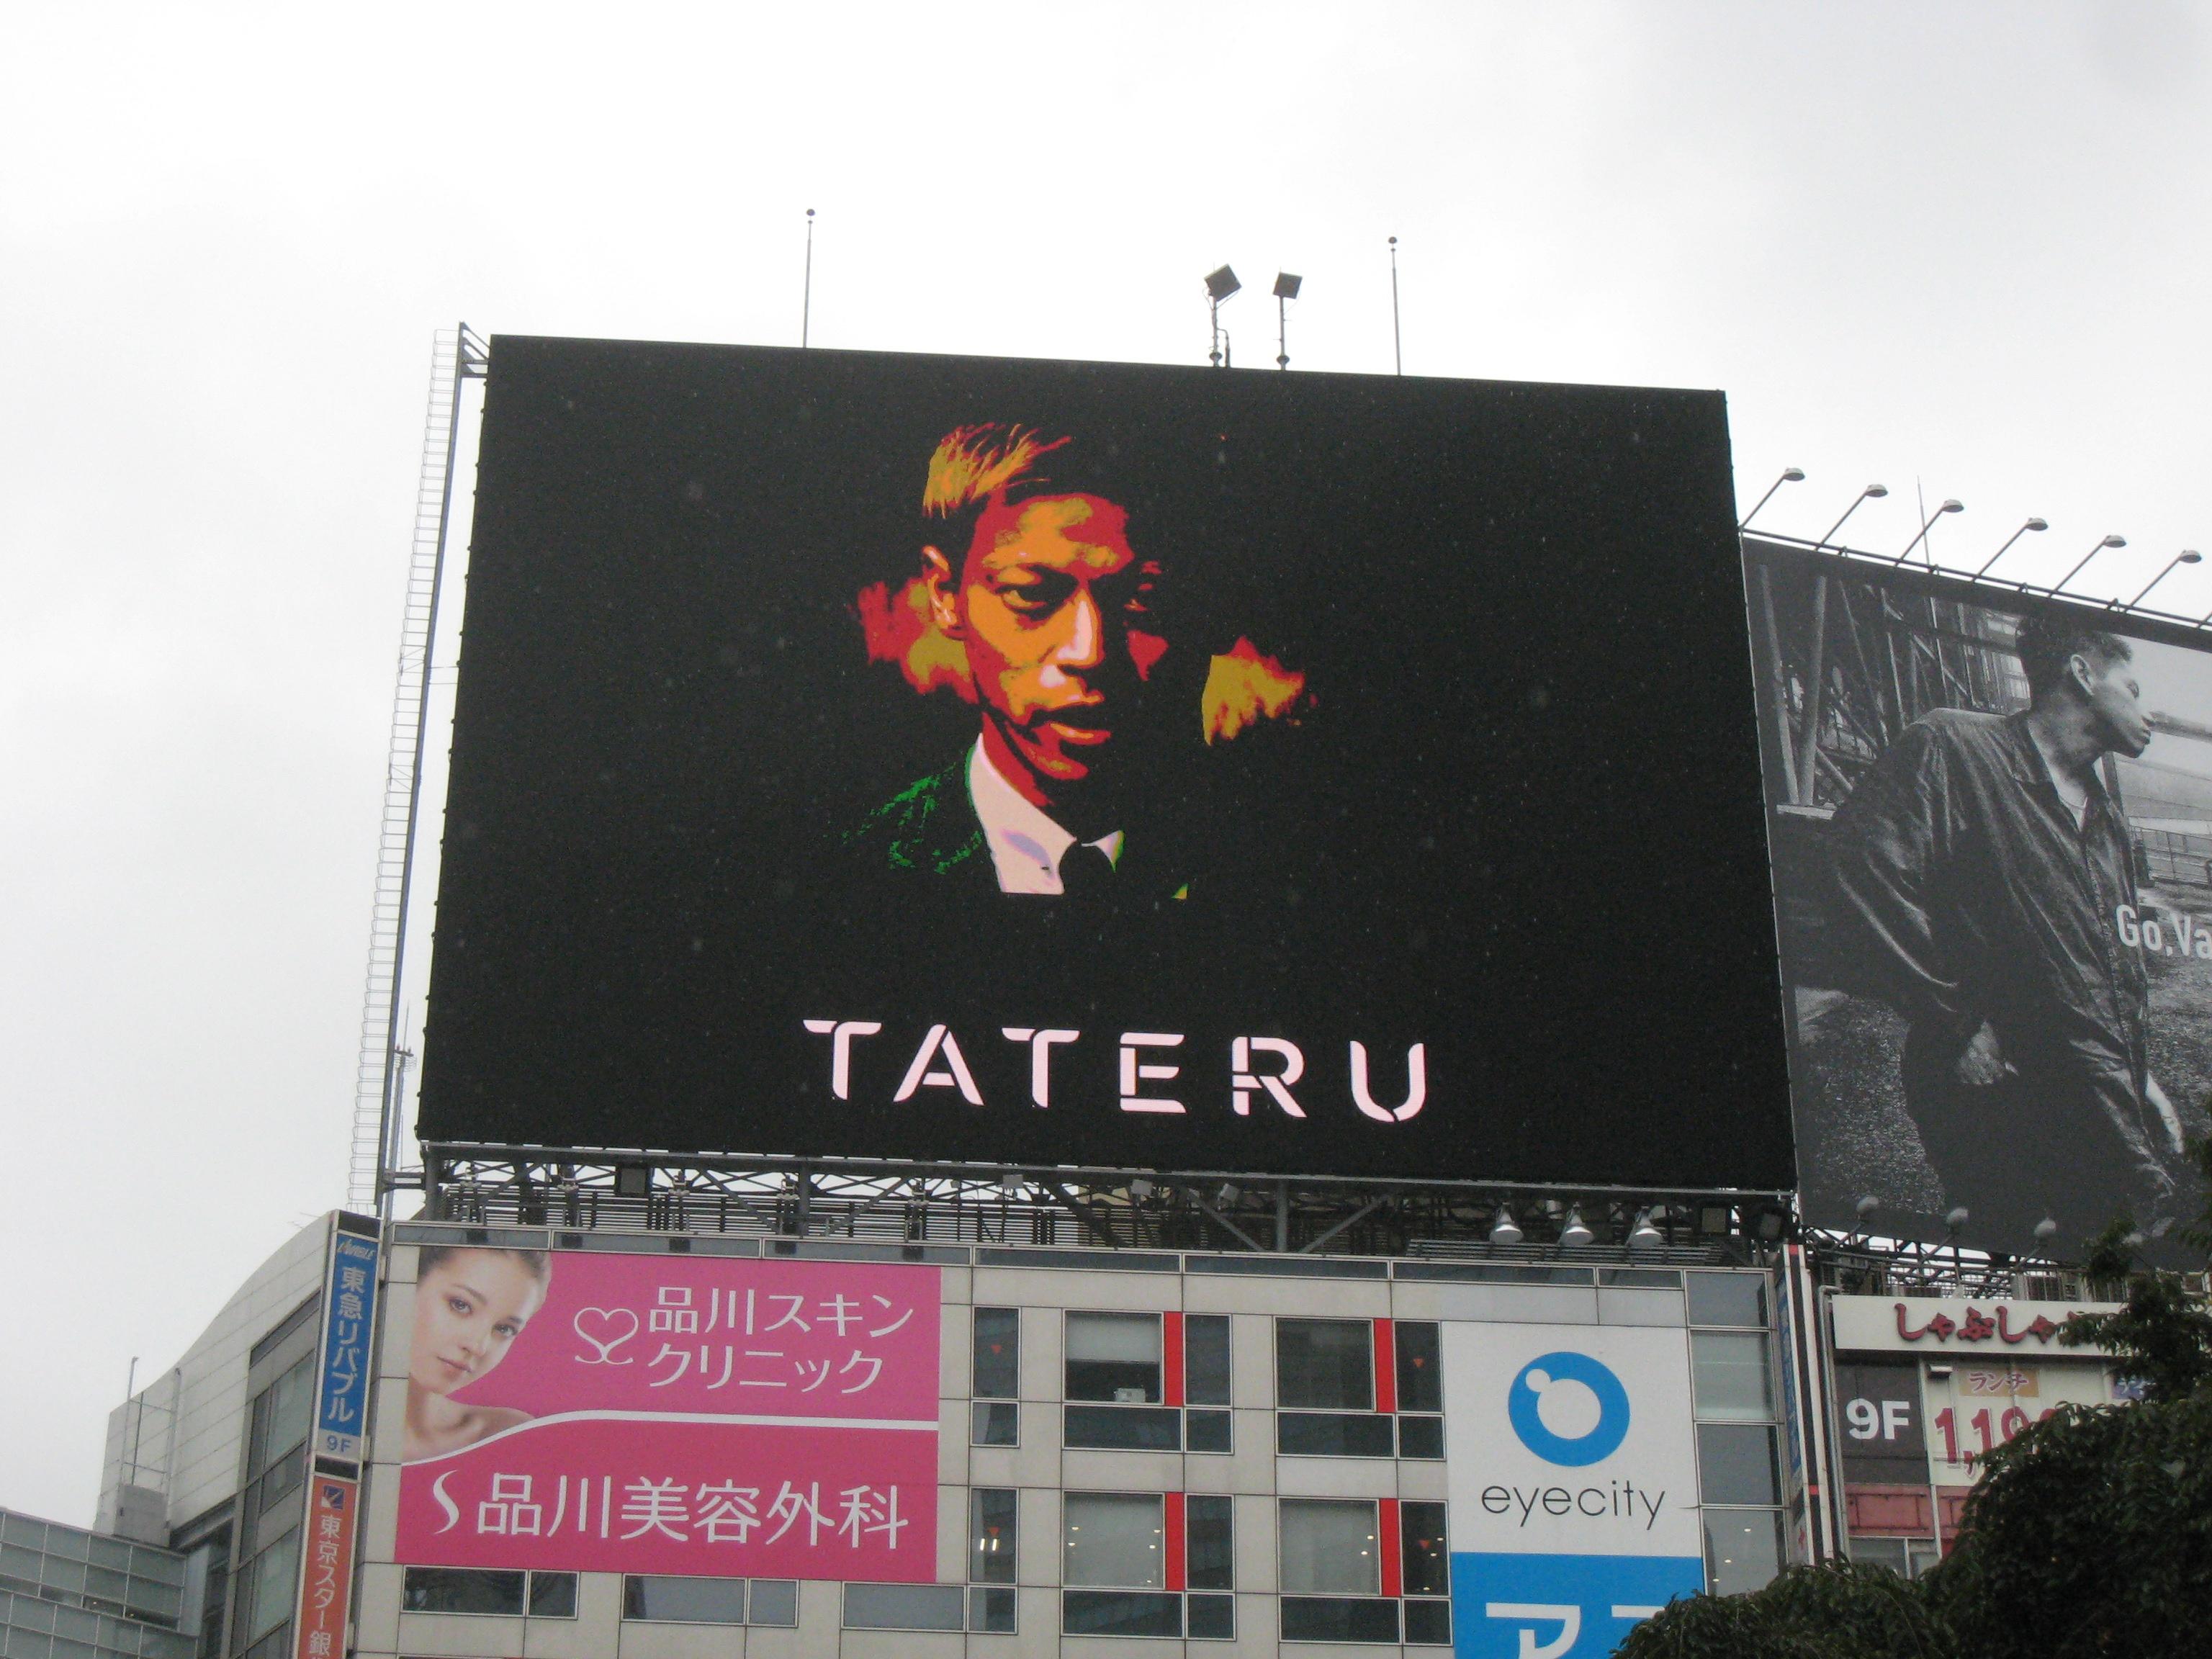 シブハチヒットビジョン(株式会社インベスターズクラウド TATERU).jpg